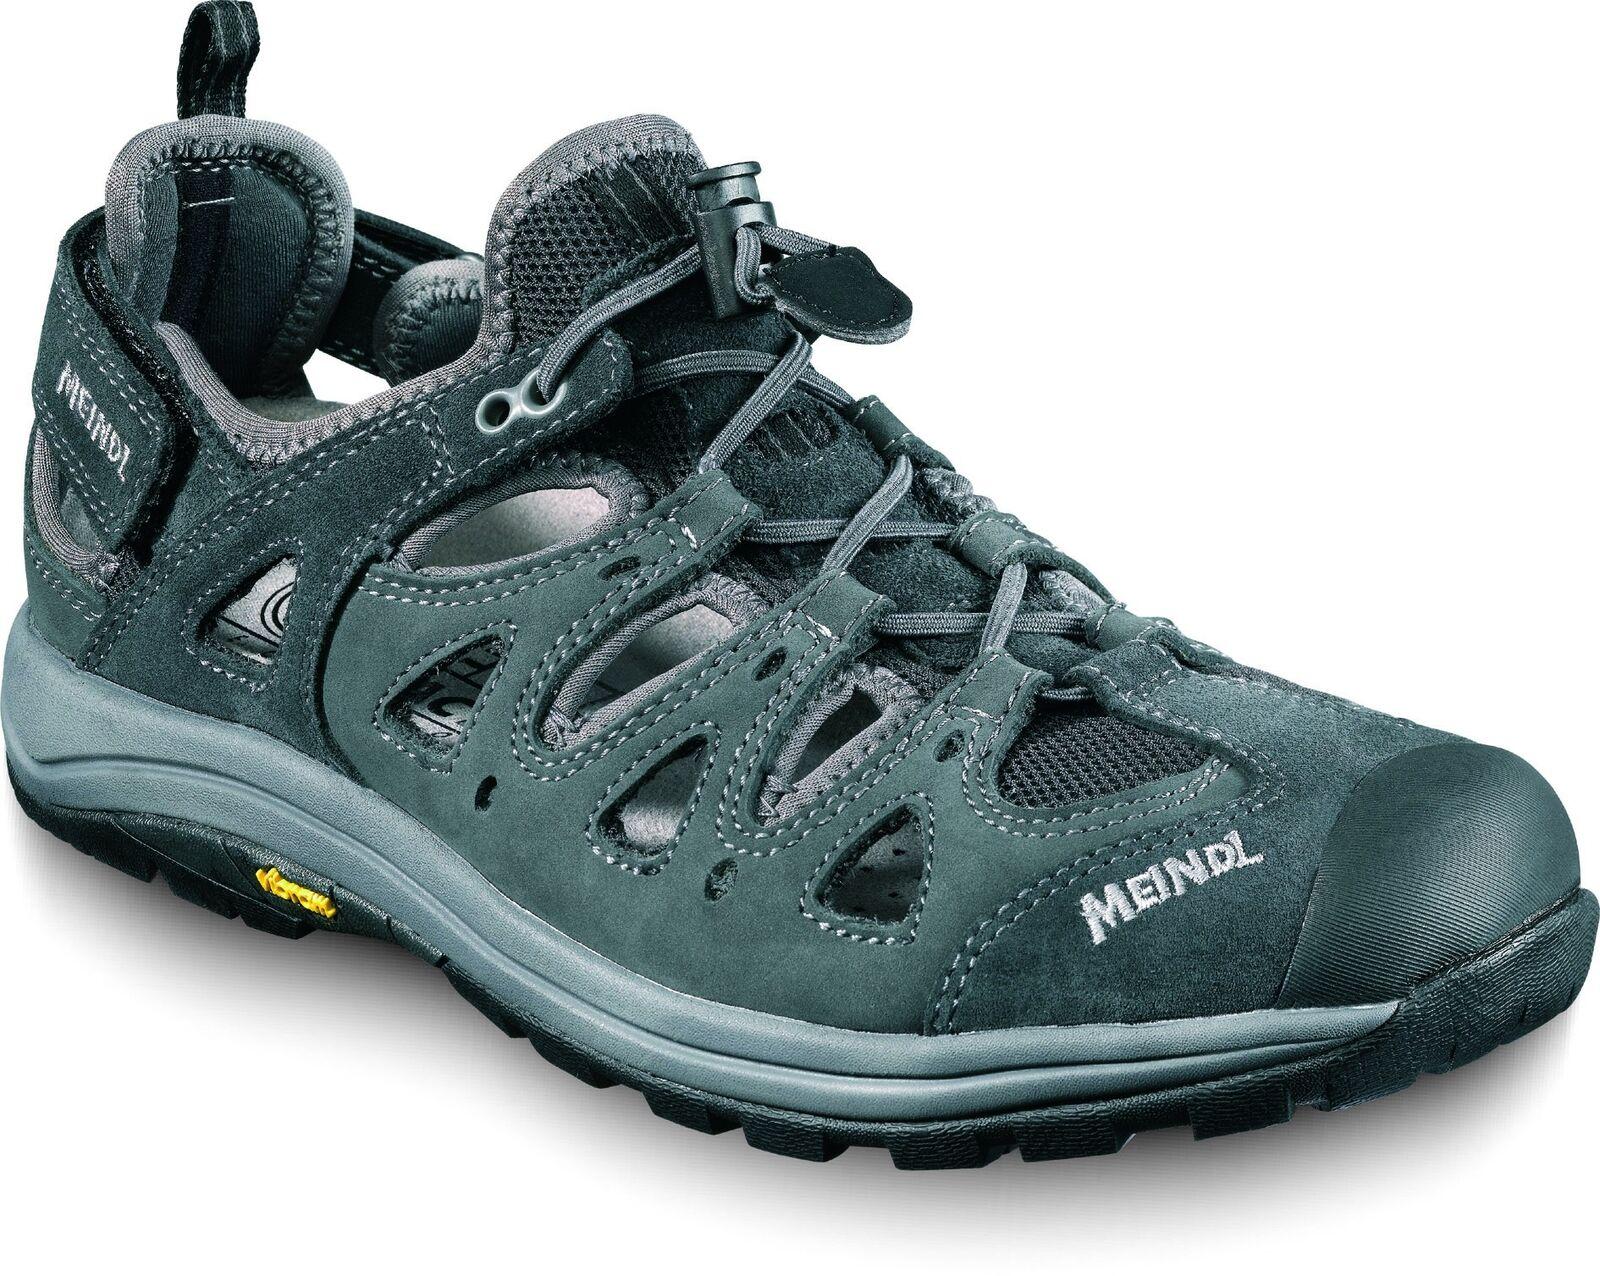 Sandali e scarpe per il mare da uomo MEINDL Sandali HAWAII Nero trekkingsandale Sandali Scarpe da passeggiata